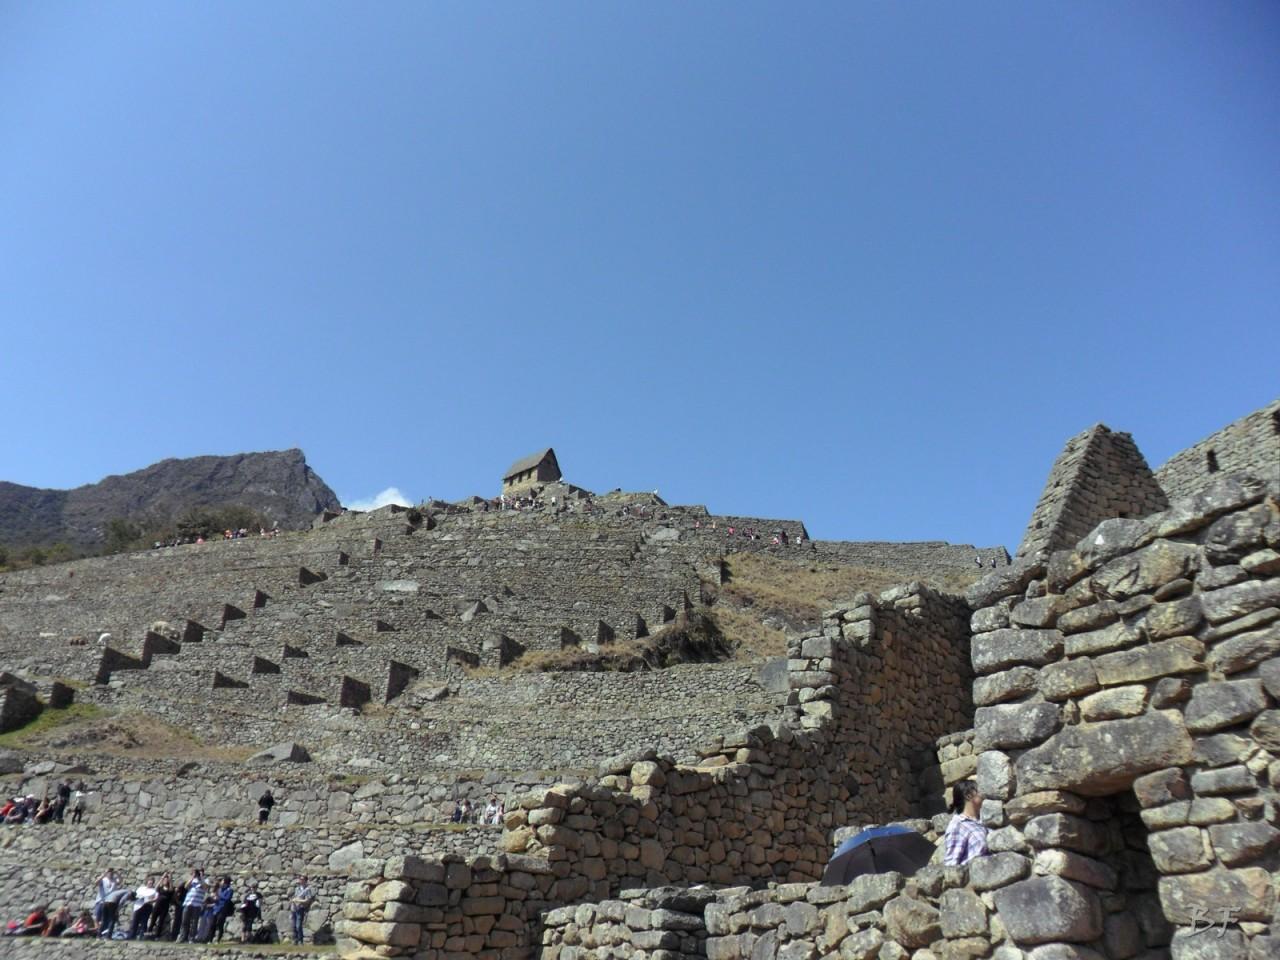 Mura-Poligonali-Incisioni-Altari-Edifici-Rupestri-Megaliti-Machu-Picchu-Aguas-Calientes-Urubamba-Cusco-Perù-20